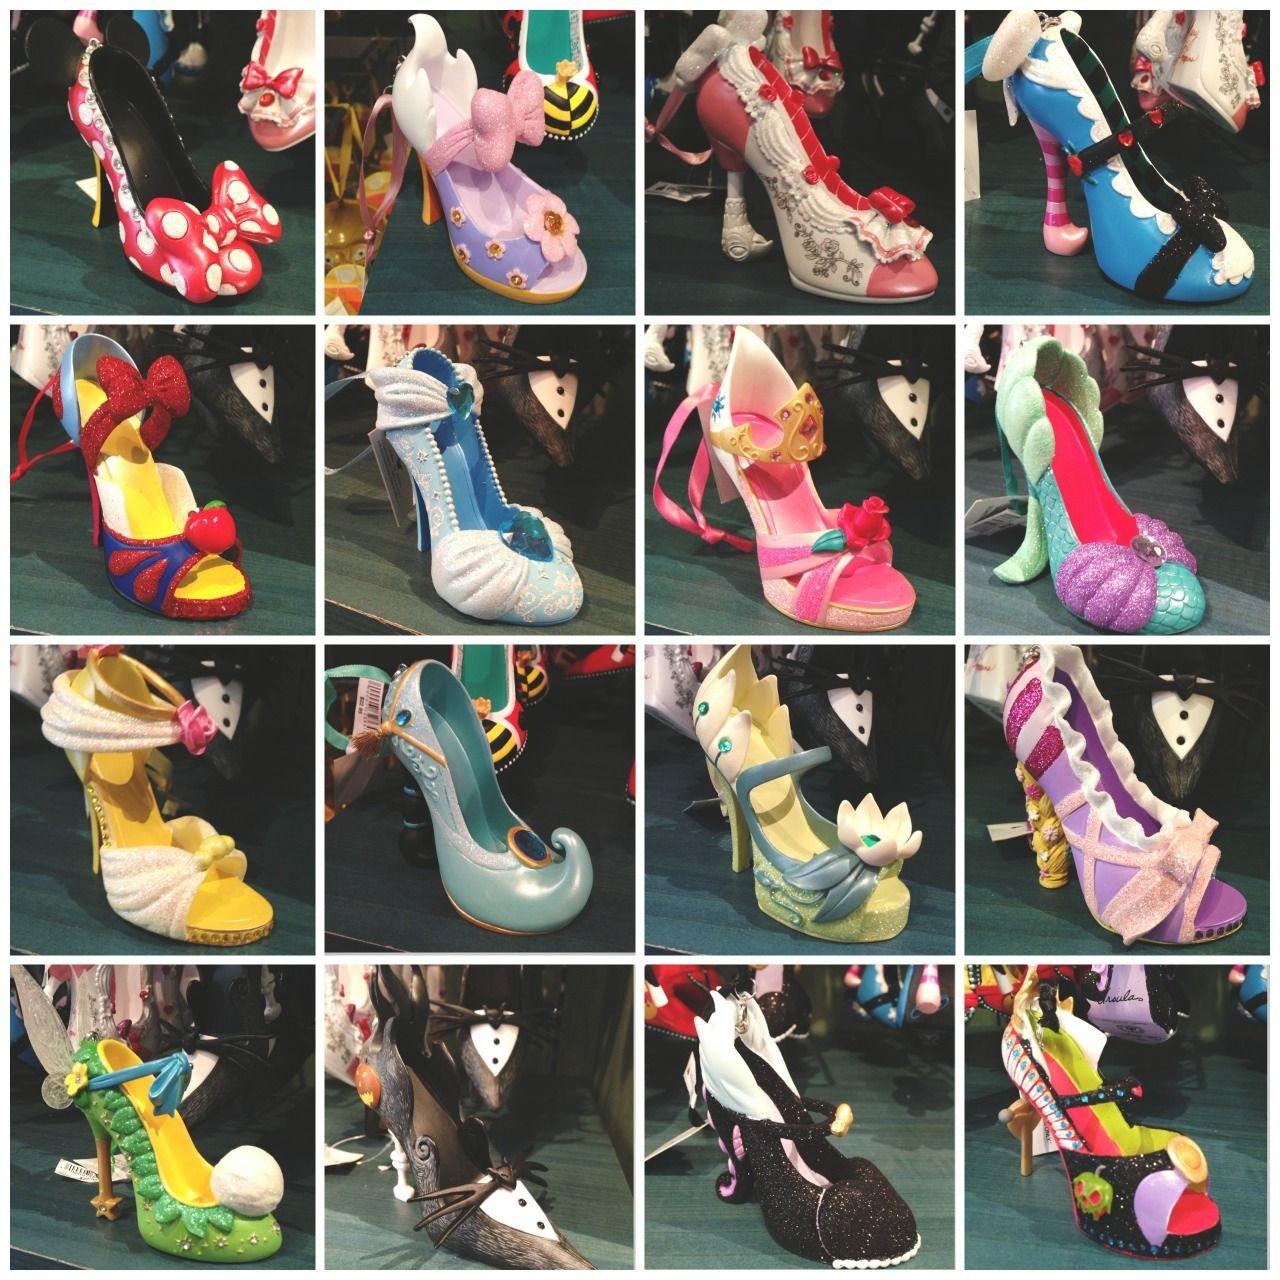 Share Some Design Disney Princess Nike Dunks Shoes | Disney